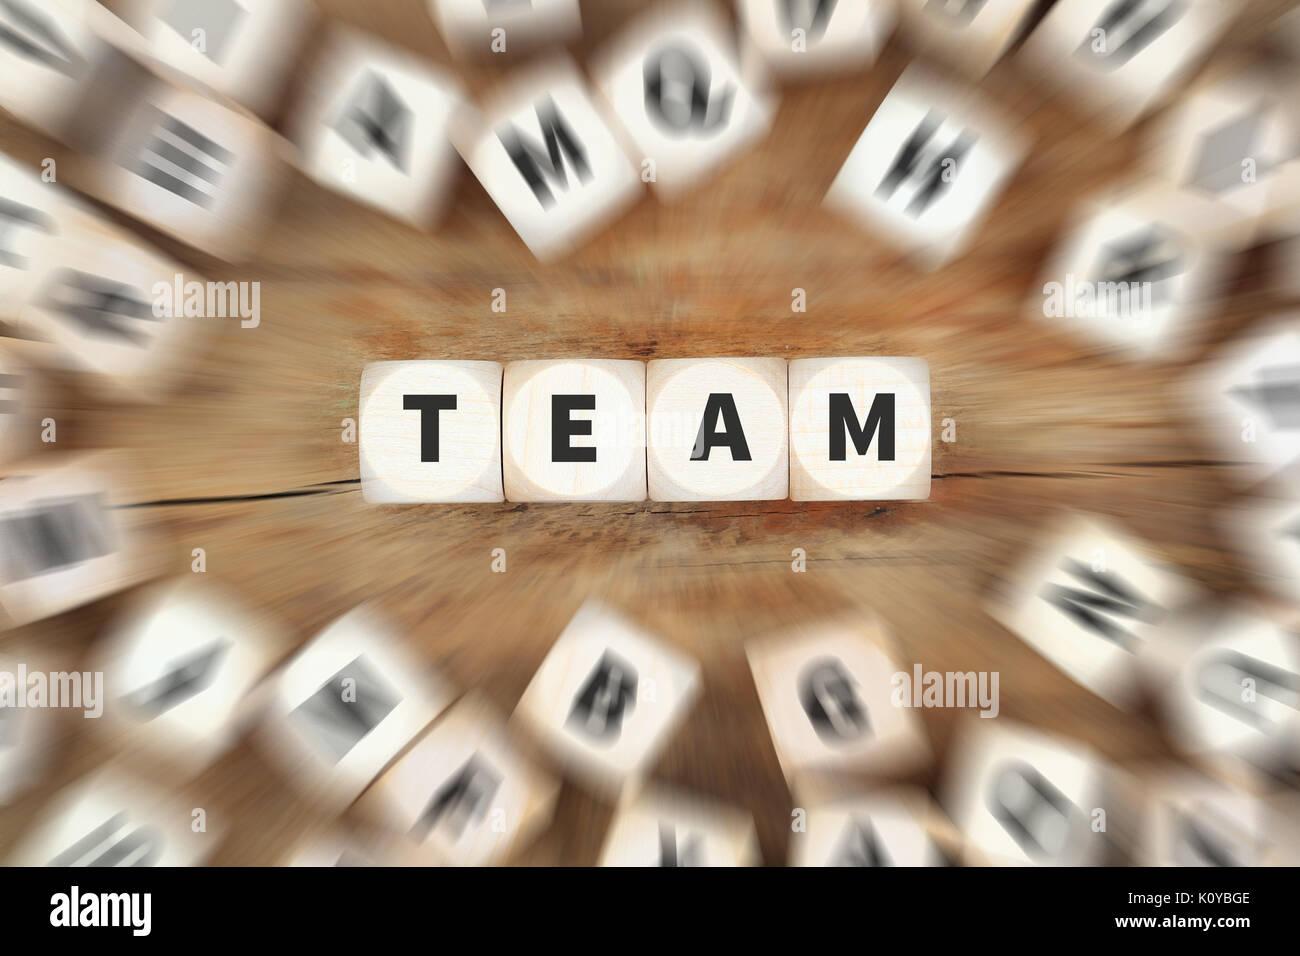 Team teamwork success successful together dice business concept idea - Stock Image